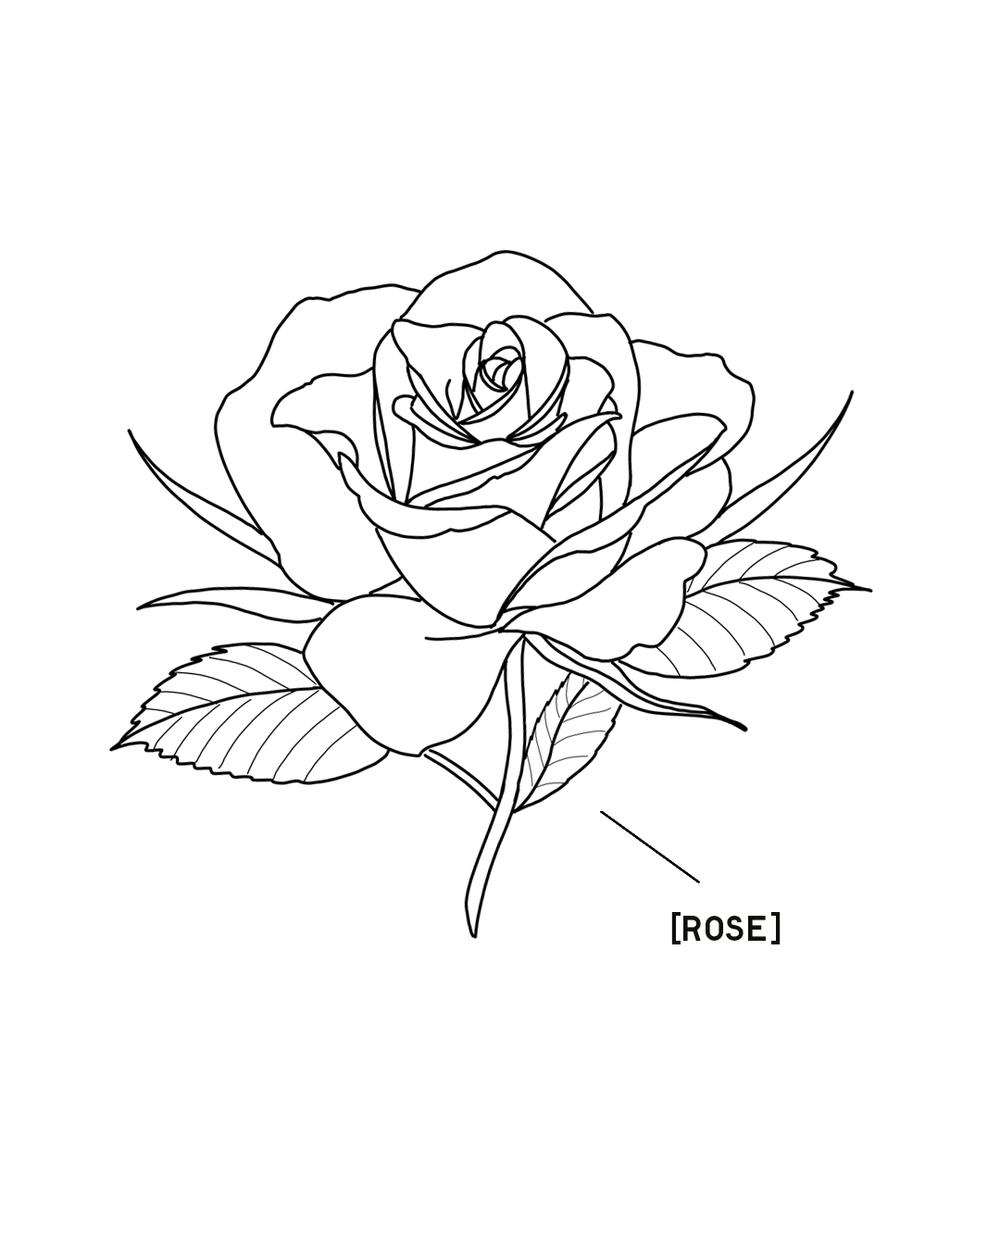 ROSE-1350X1080.png